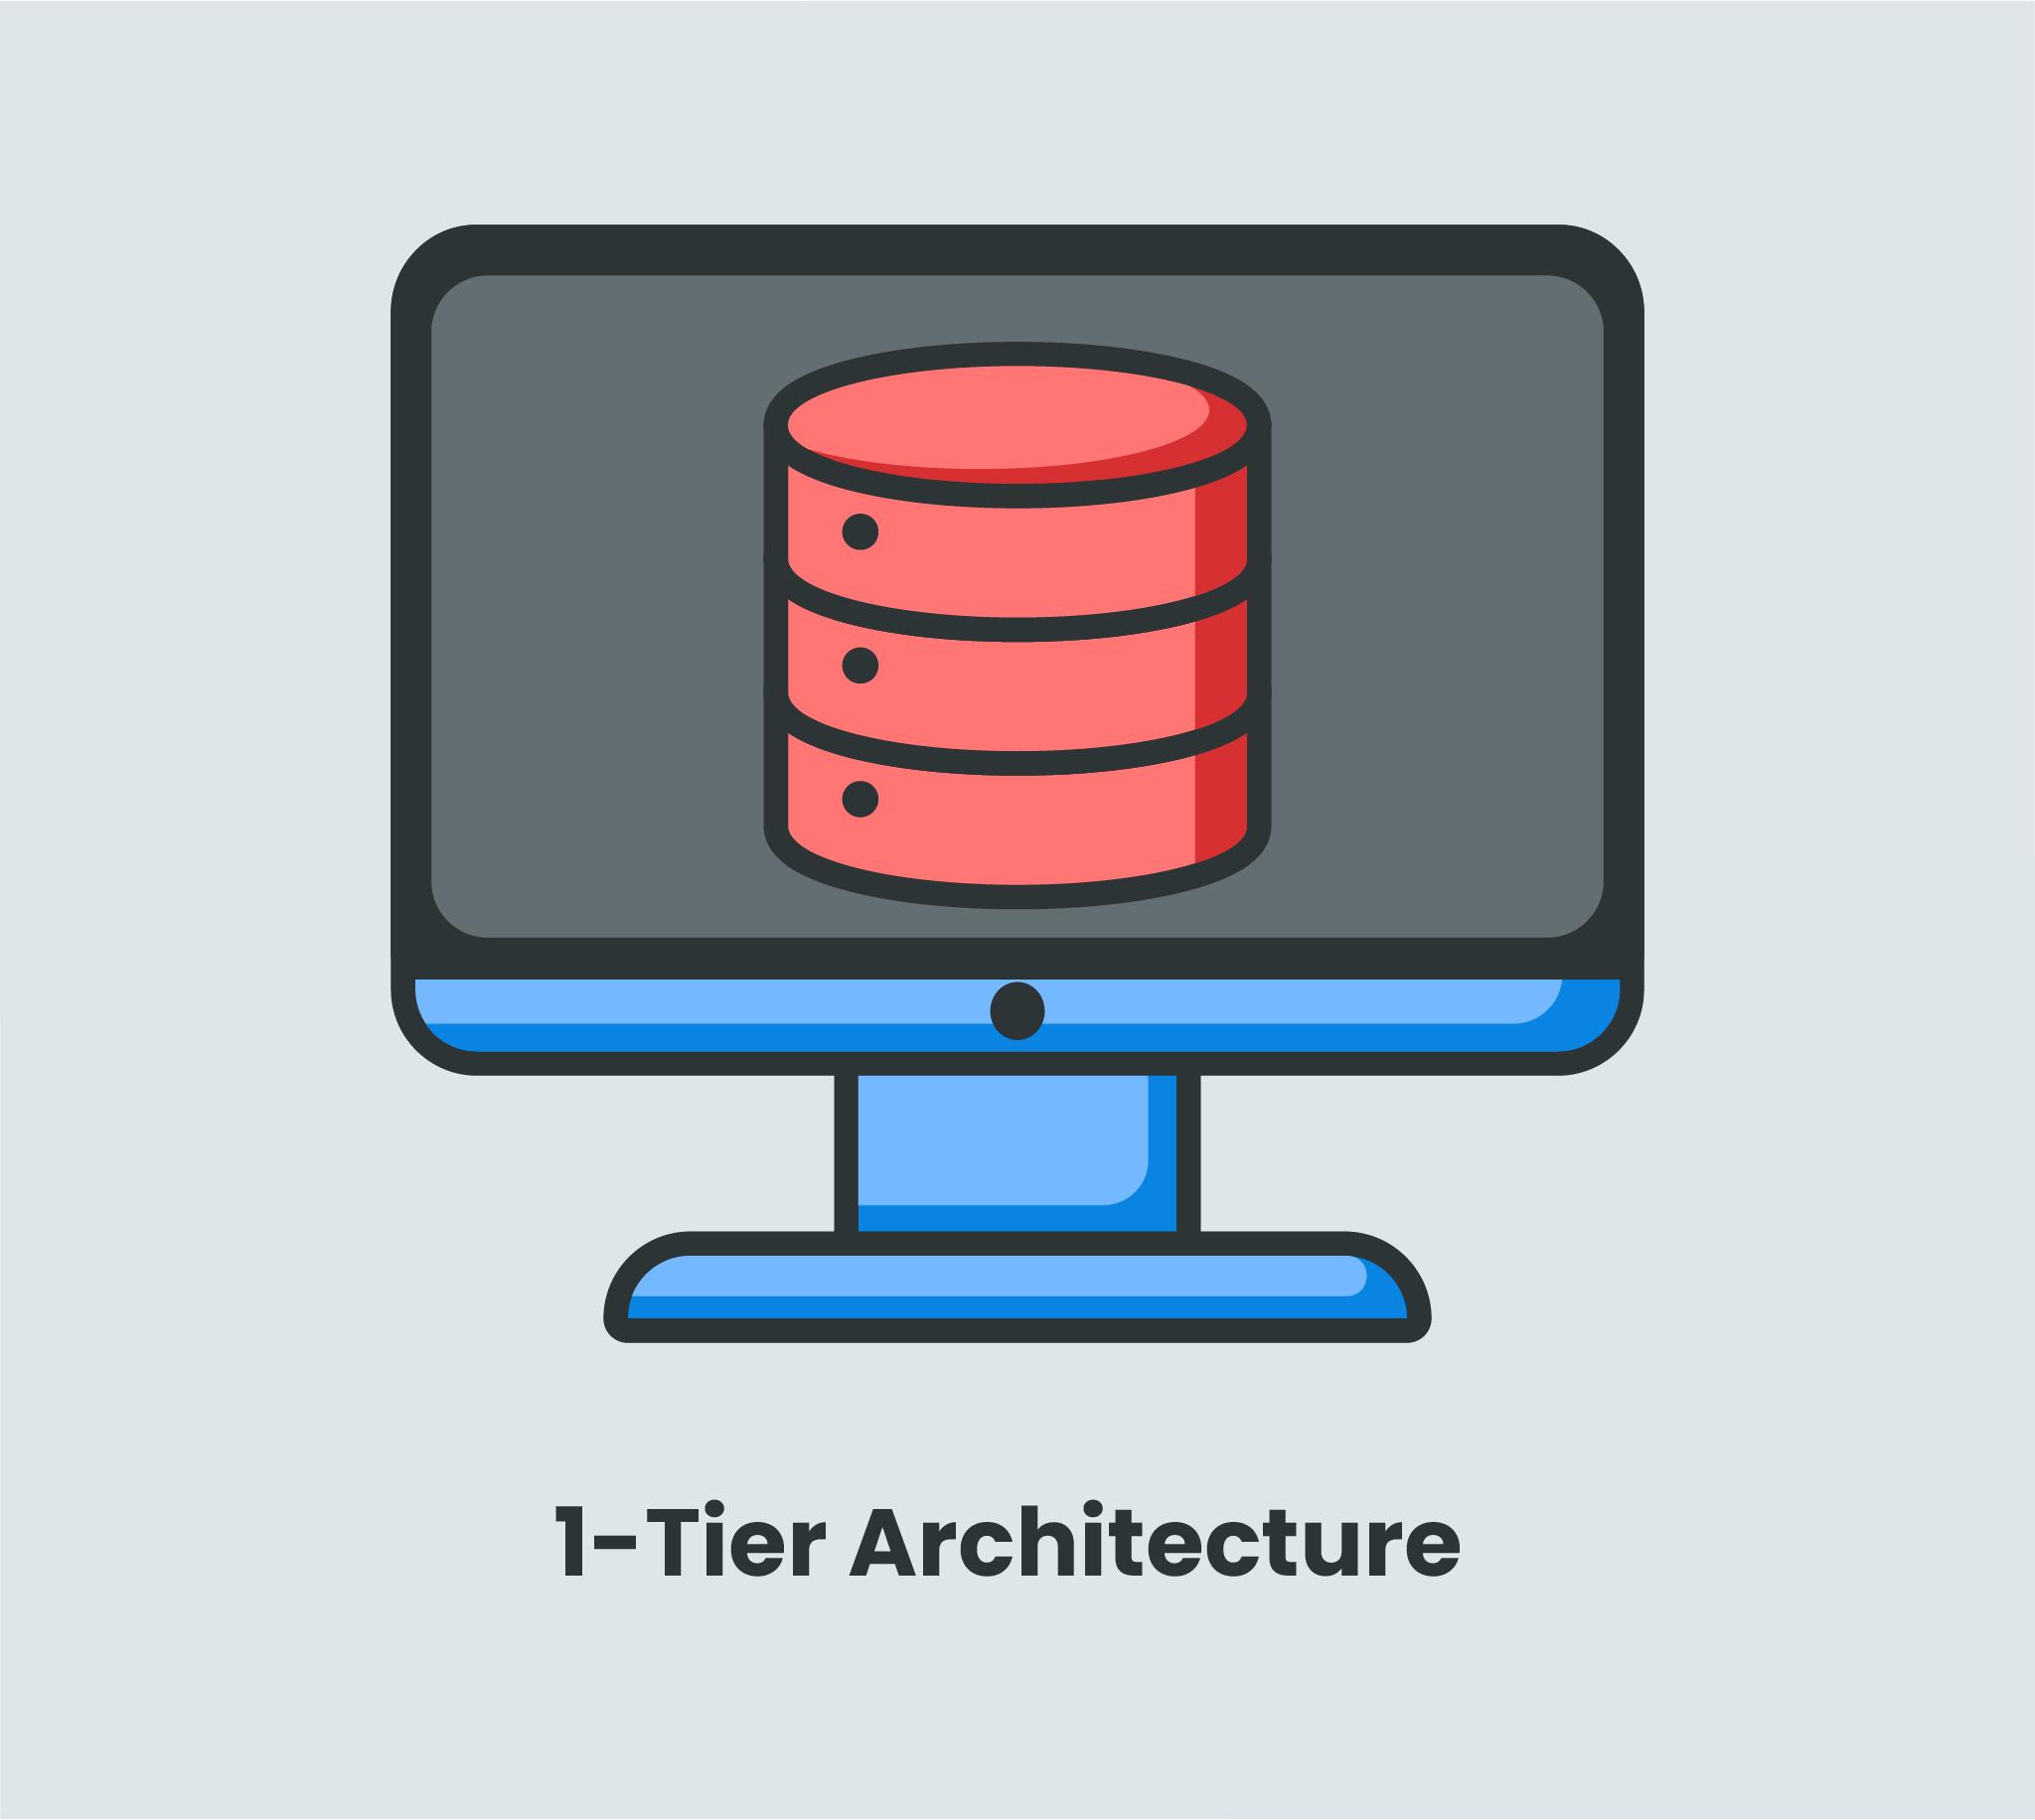 1-tier architecture